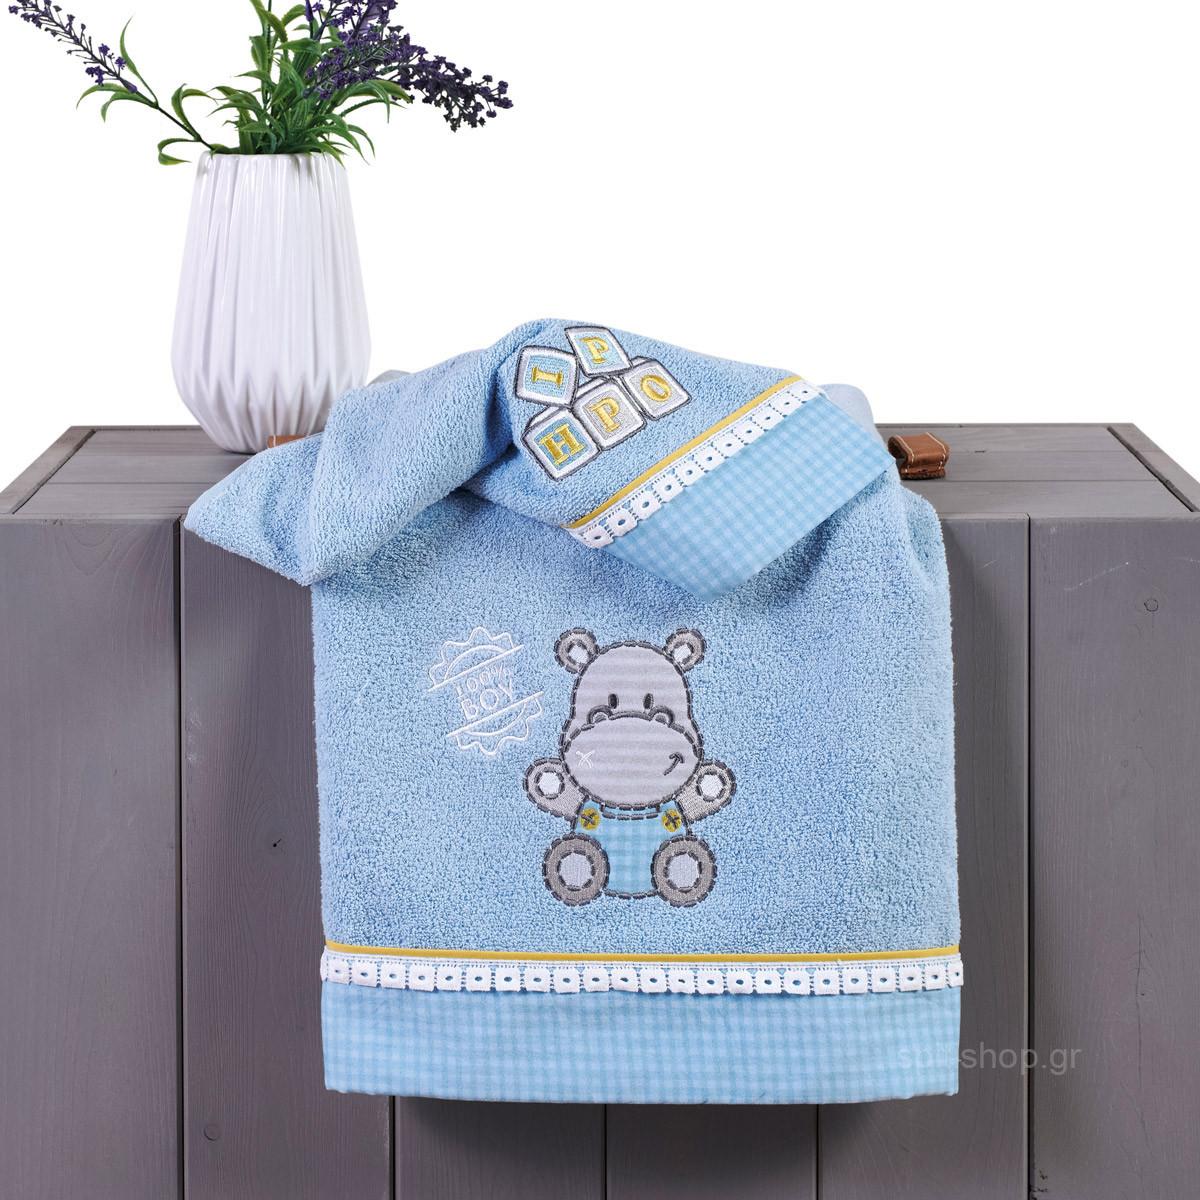 Βρεφικές Πετσέτες (Σετ 2τμχ) Kentia Baby Hippo